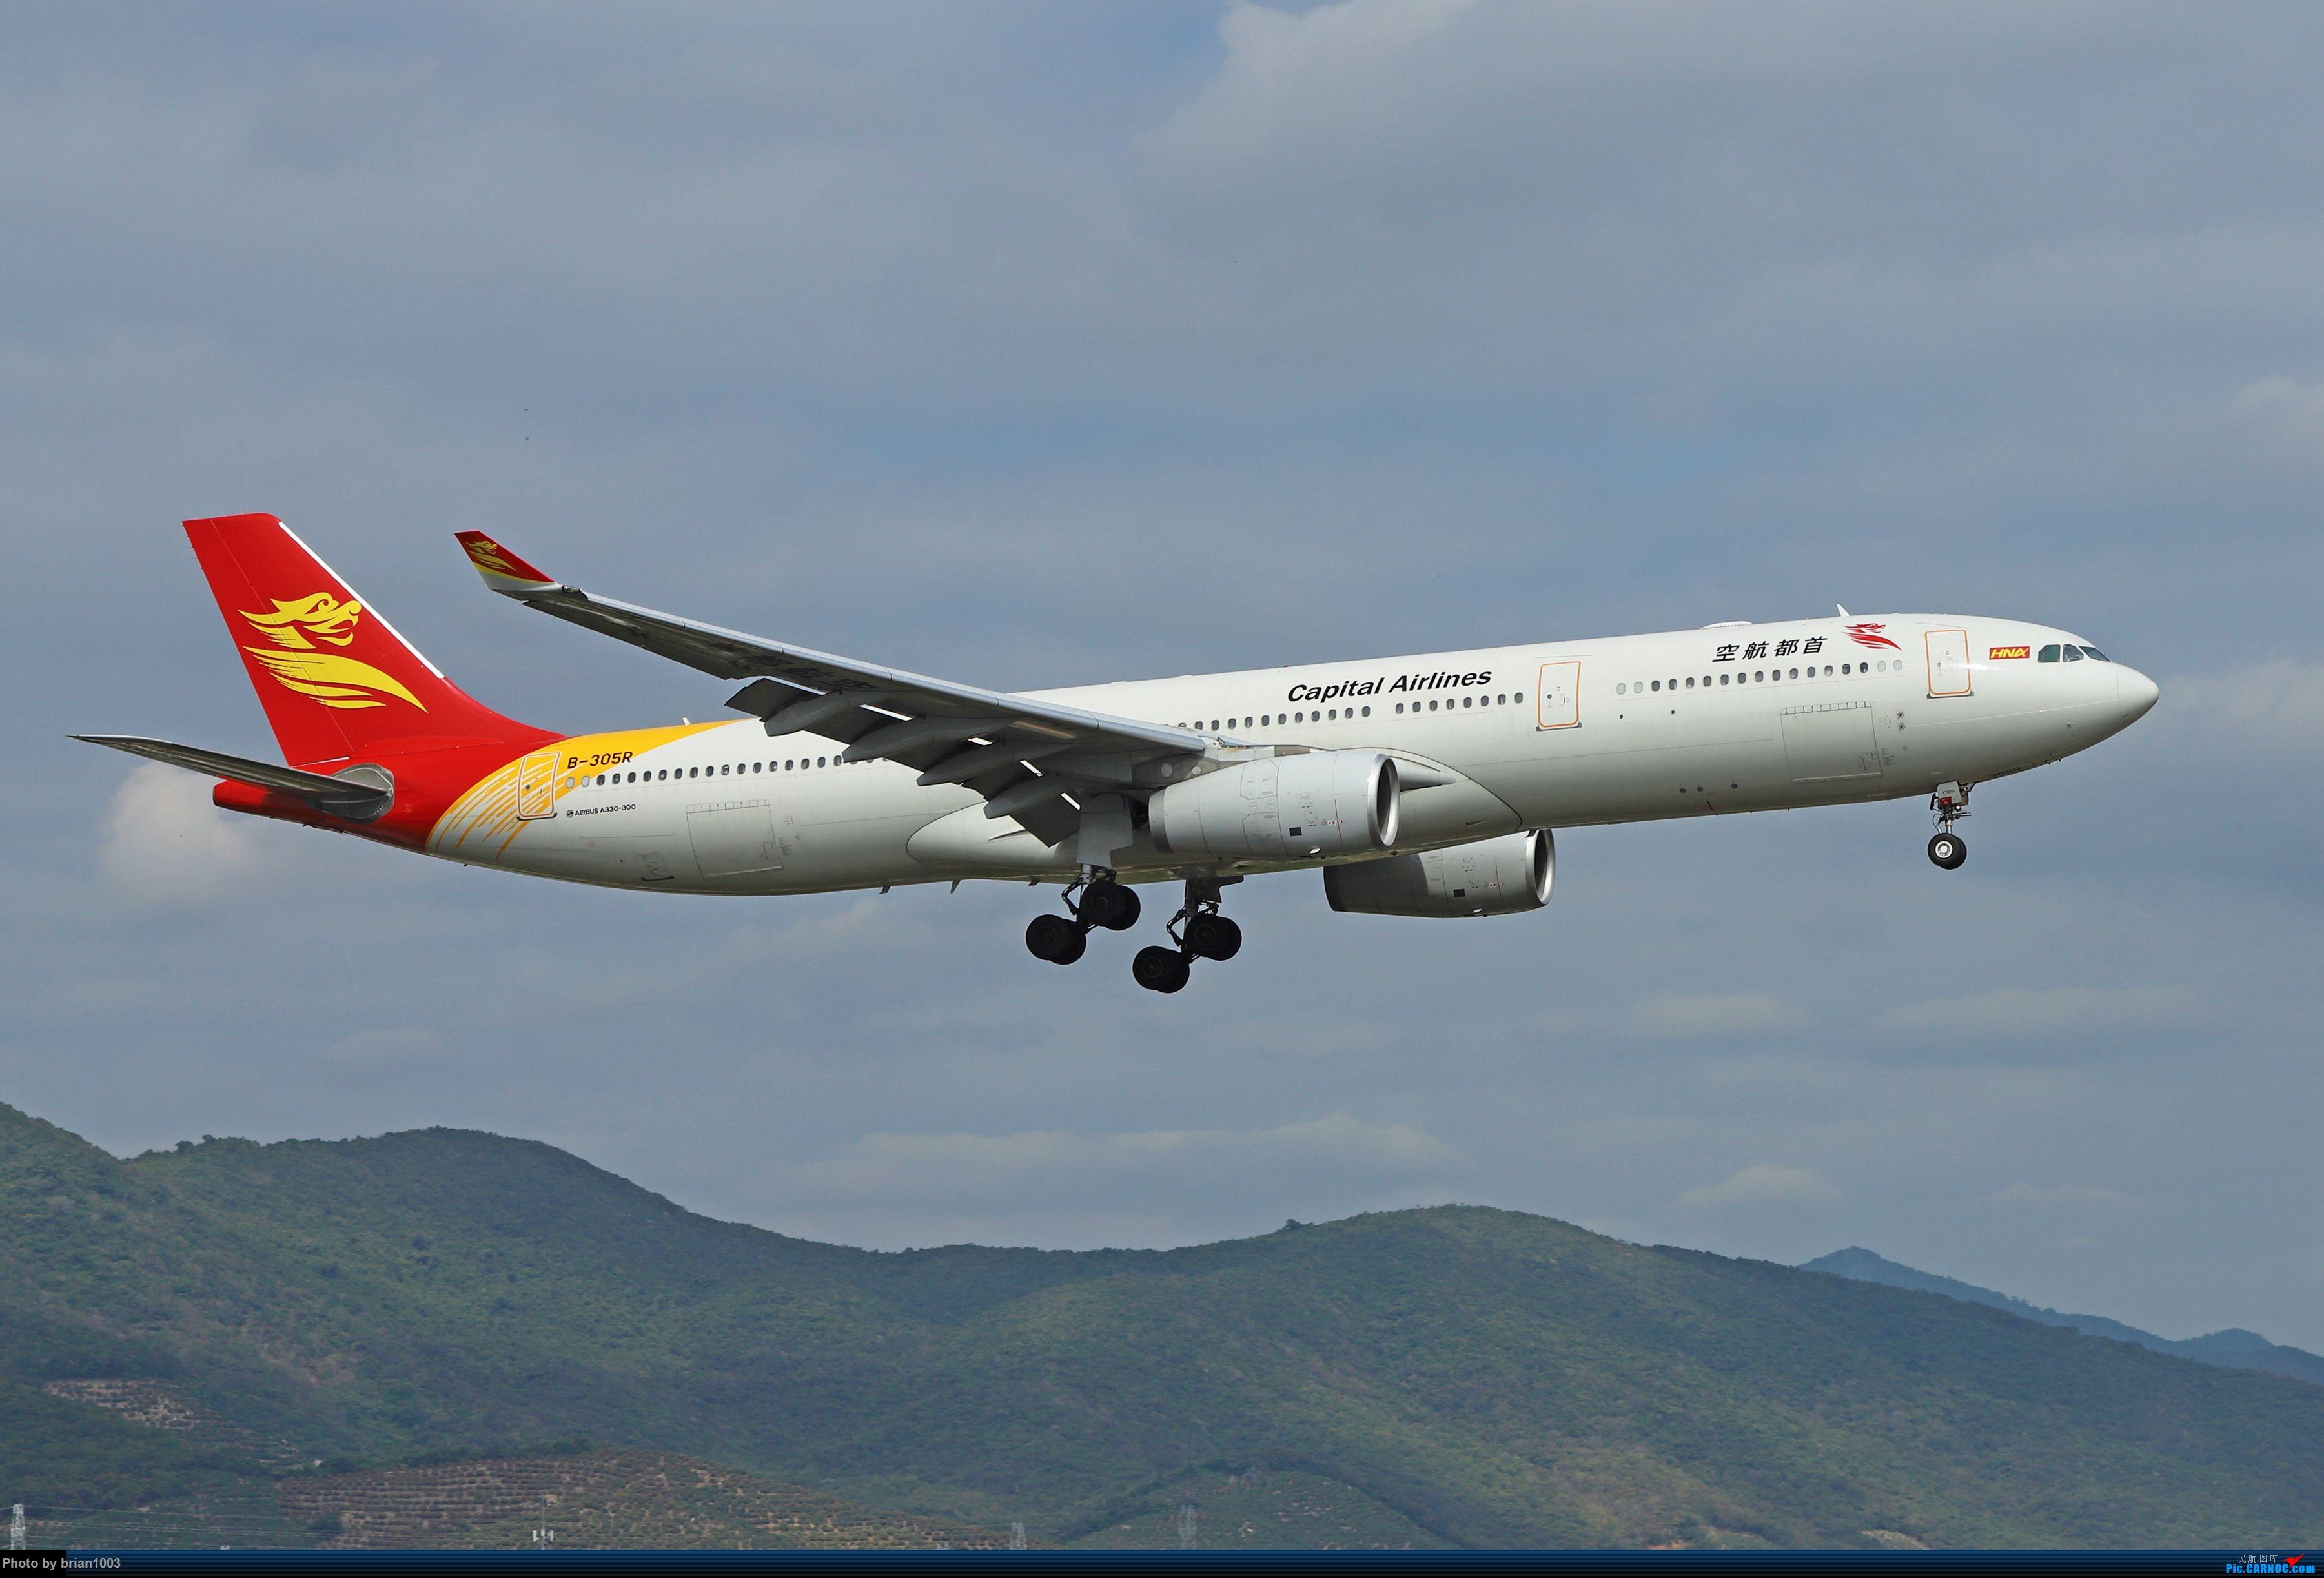 Re:[原创]CZ3347-CZ6734-HU7659,忙里偷闲的三亚拍机之行 AIRBUS A330-300 B-305R 中国三亚凤凰国际机场